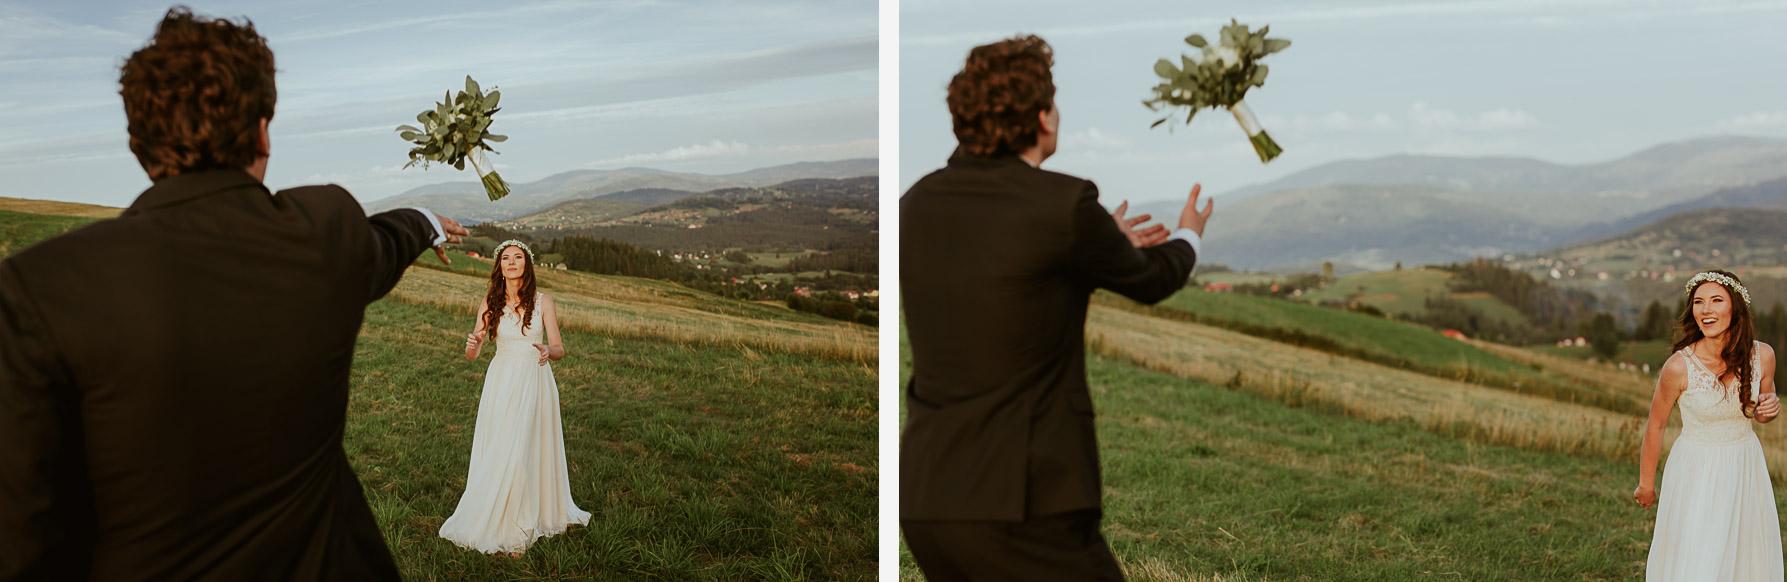 Sesja Ślubna w górach jesienią 169 a27